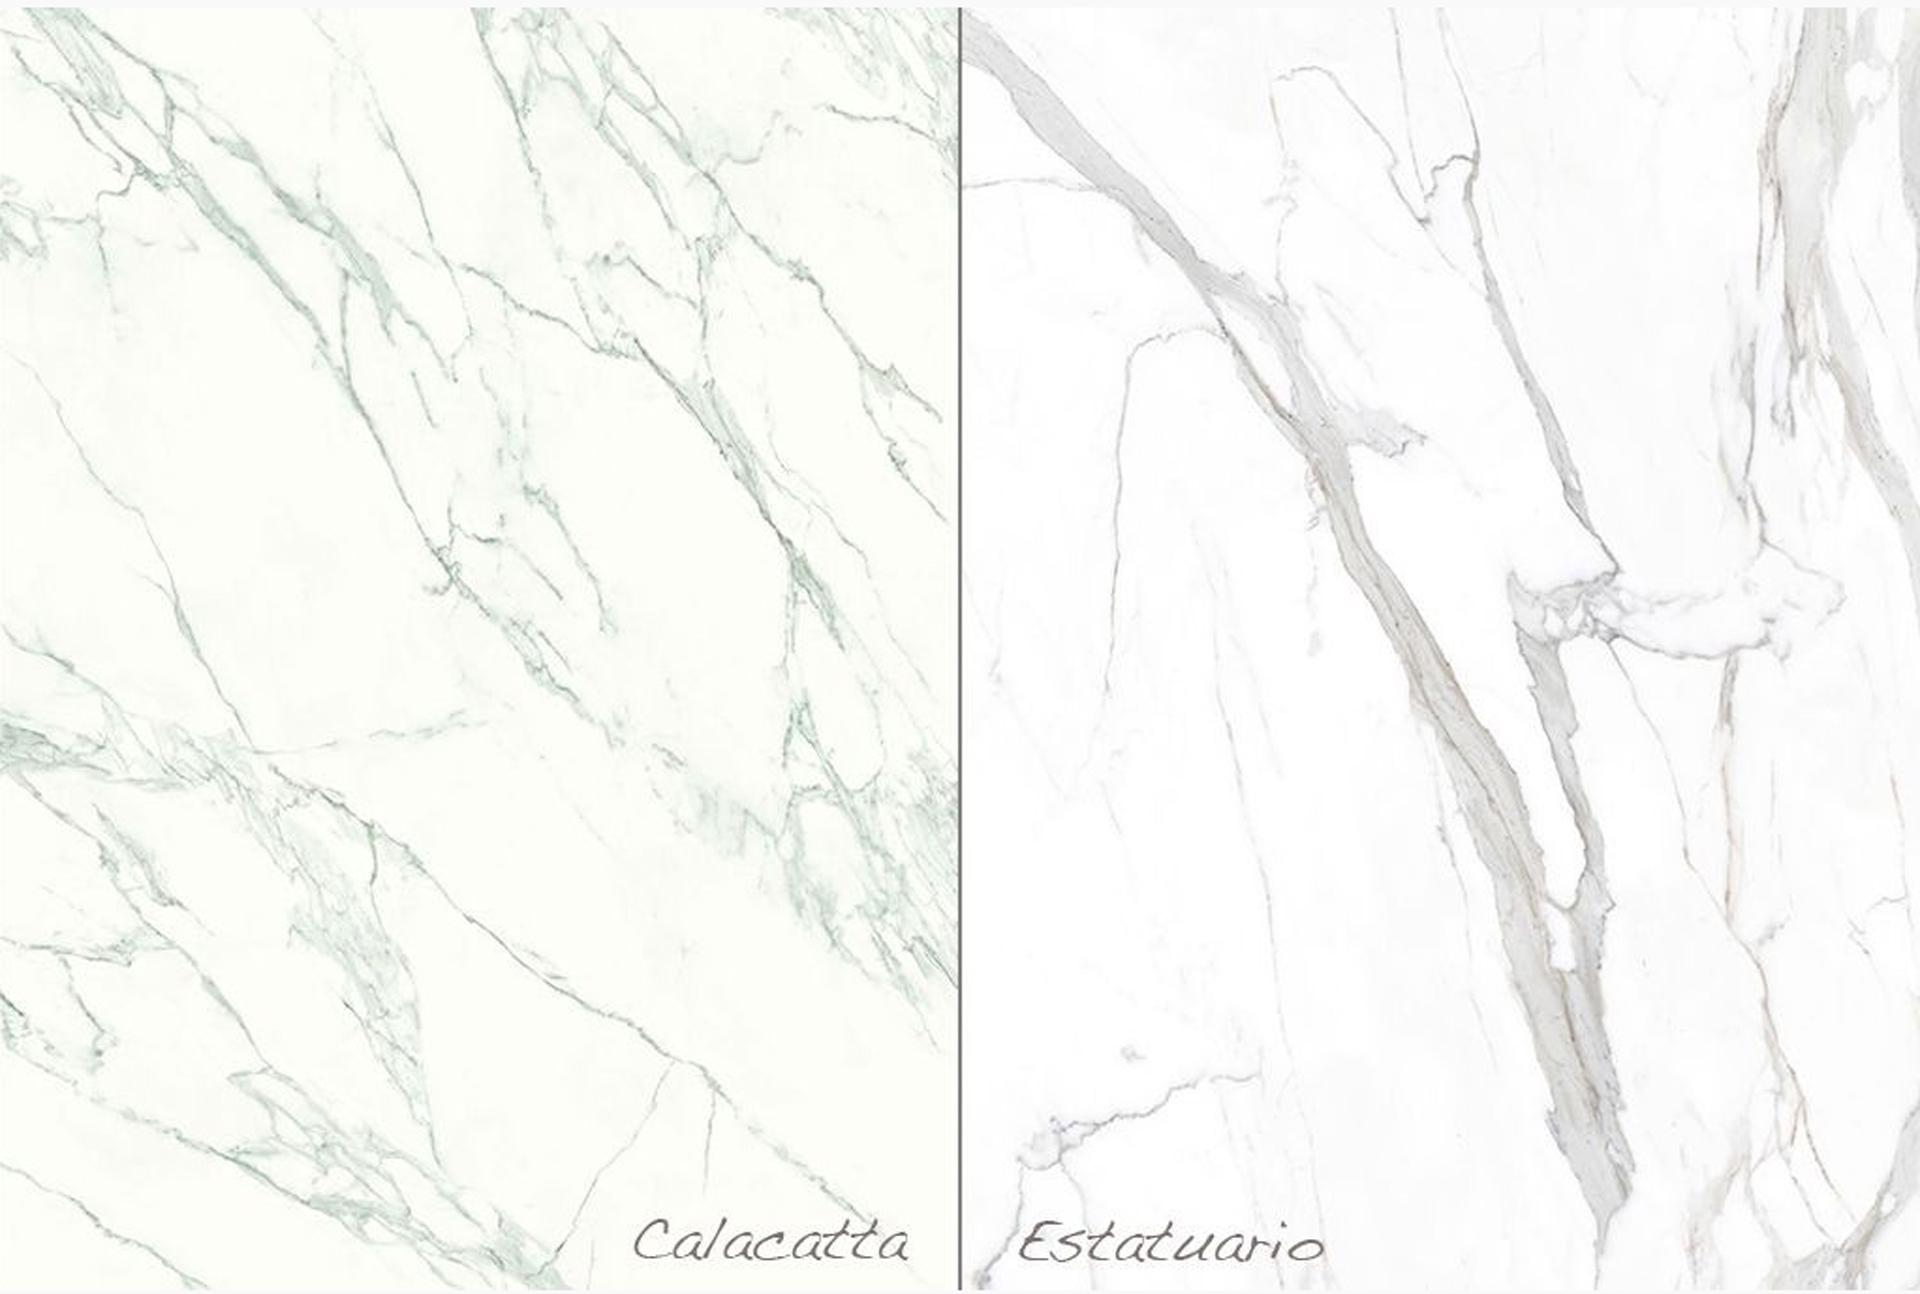 Nieuwe kleuren Keramiek Calacatta & Estatuario